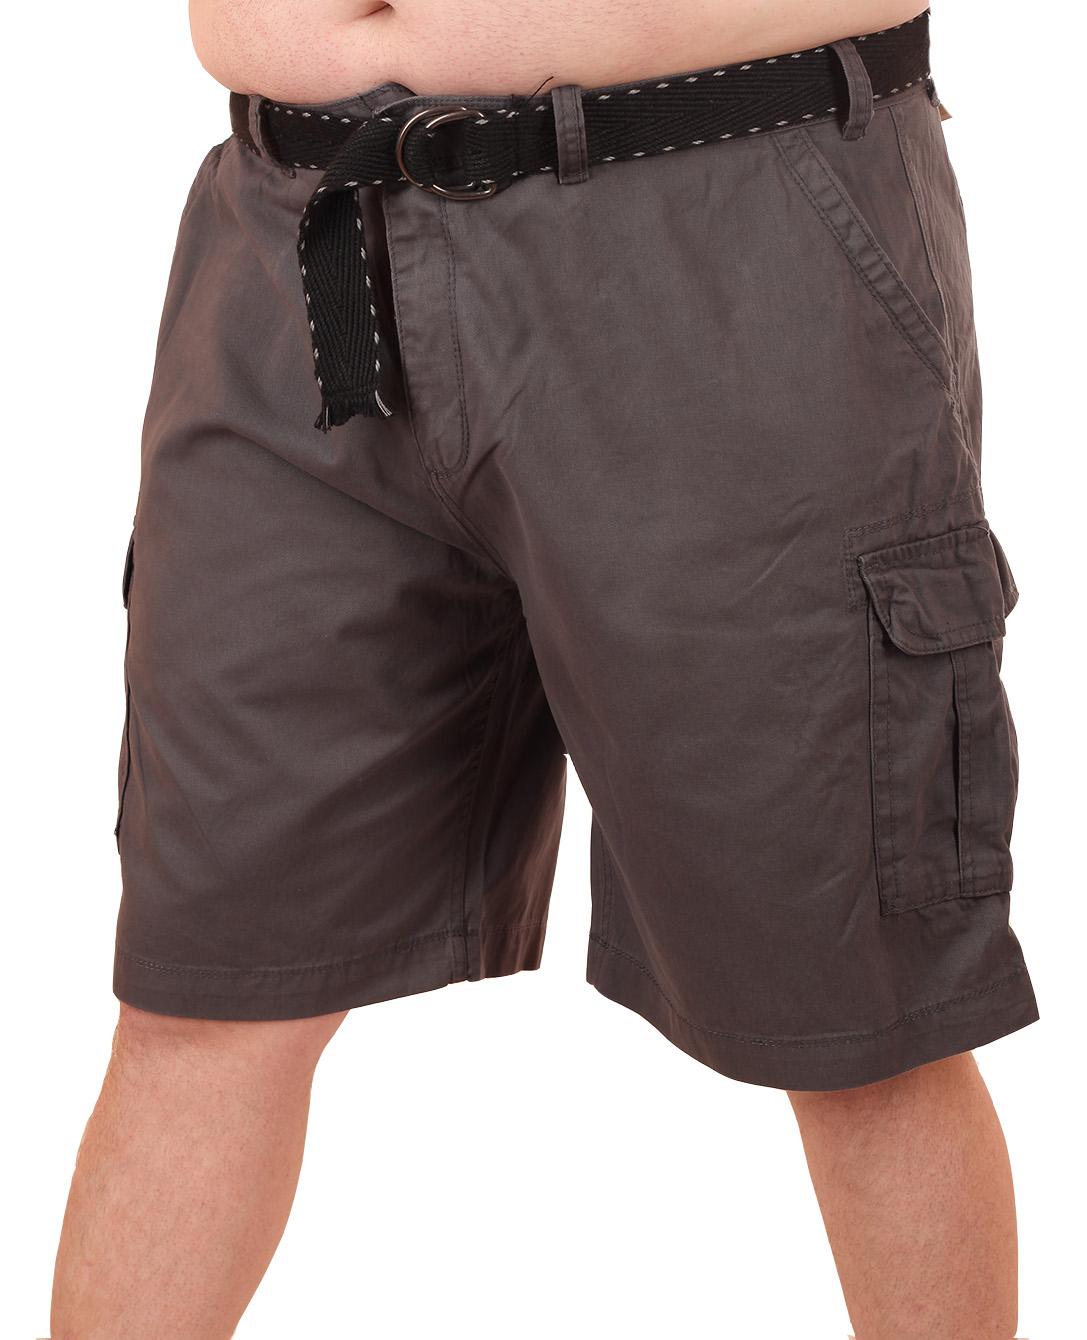 Мужские шорты большого размера - купить по лучшей цене